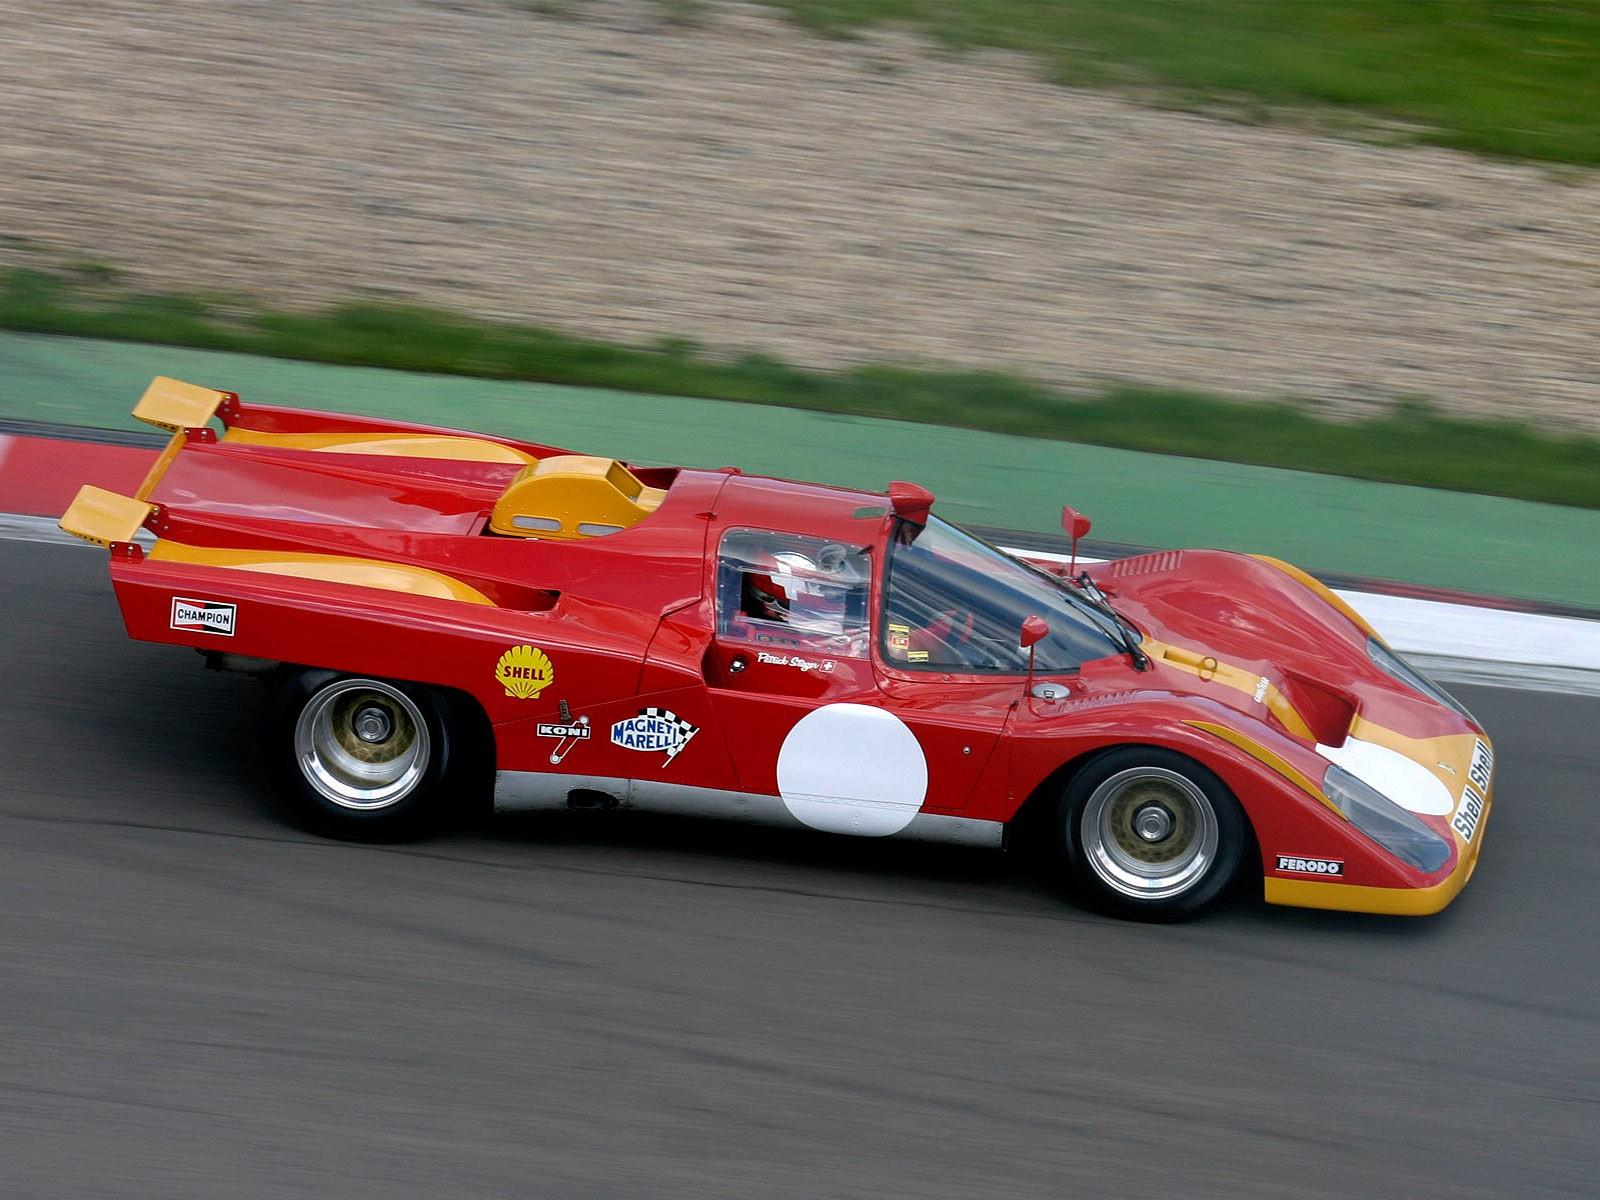 Ferrari 512 M R1 1970